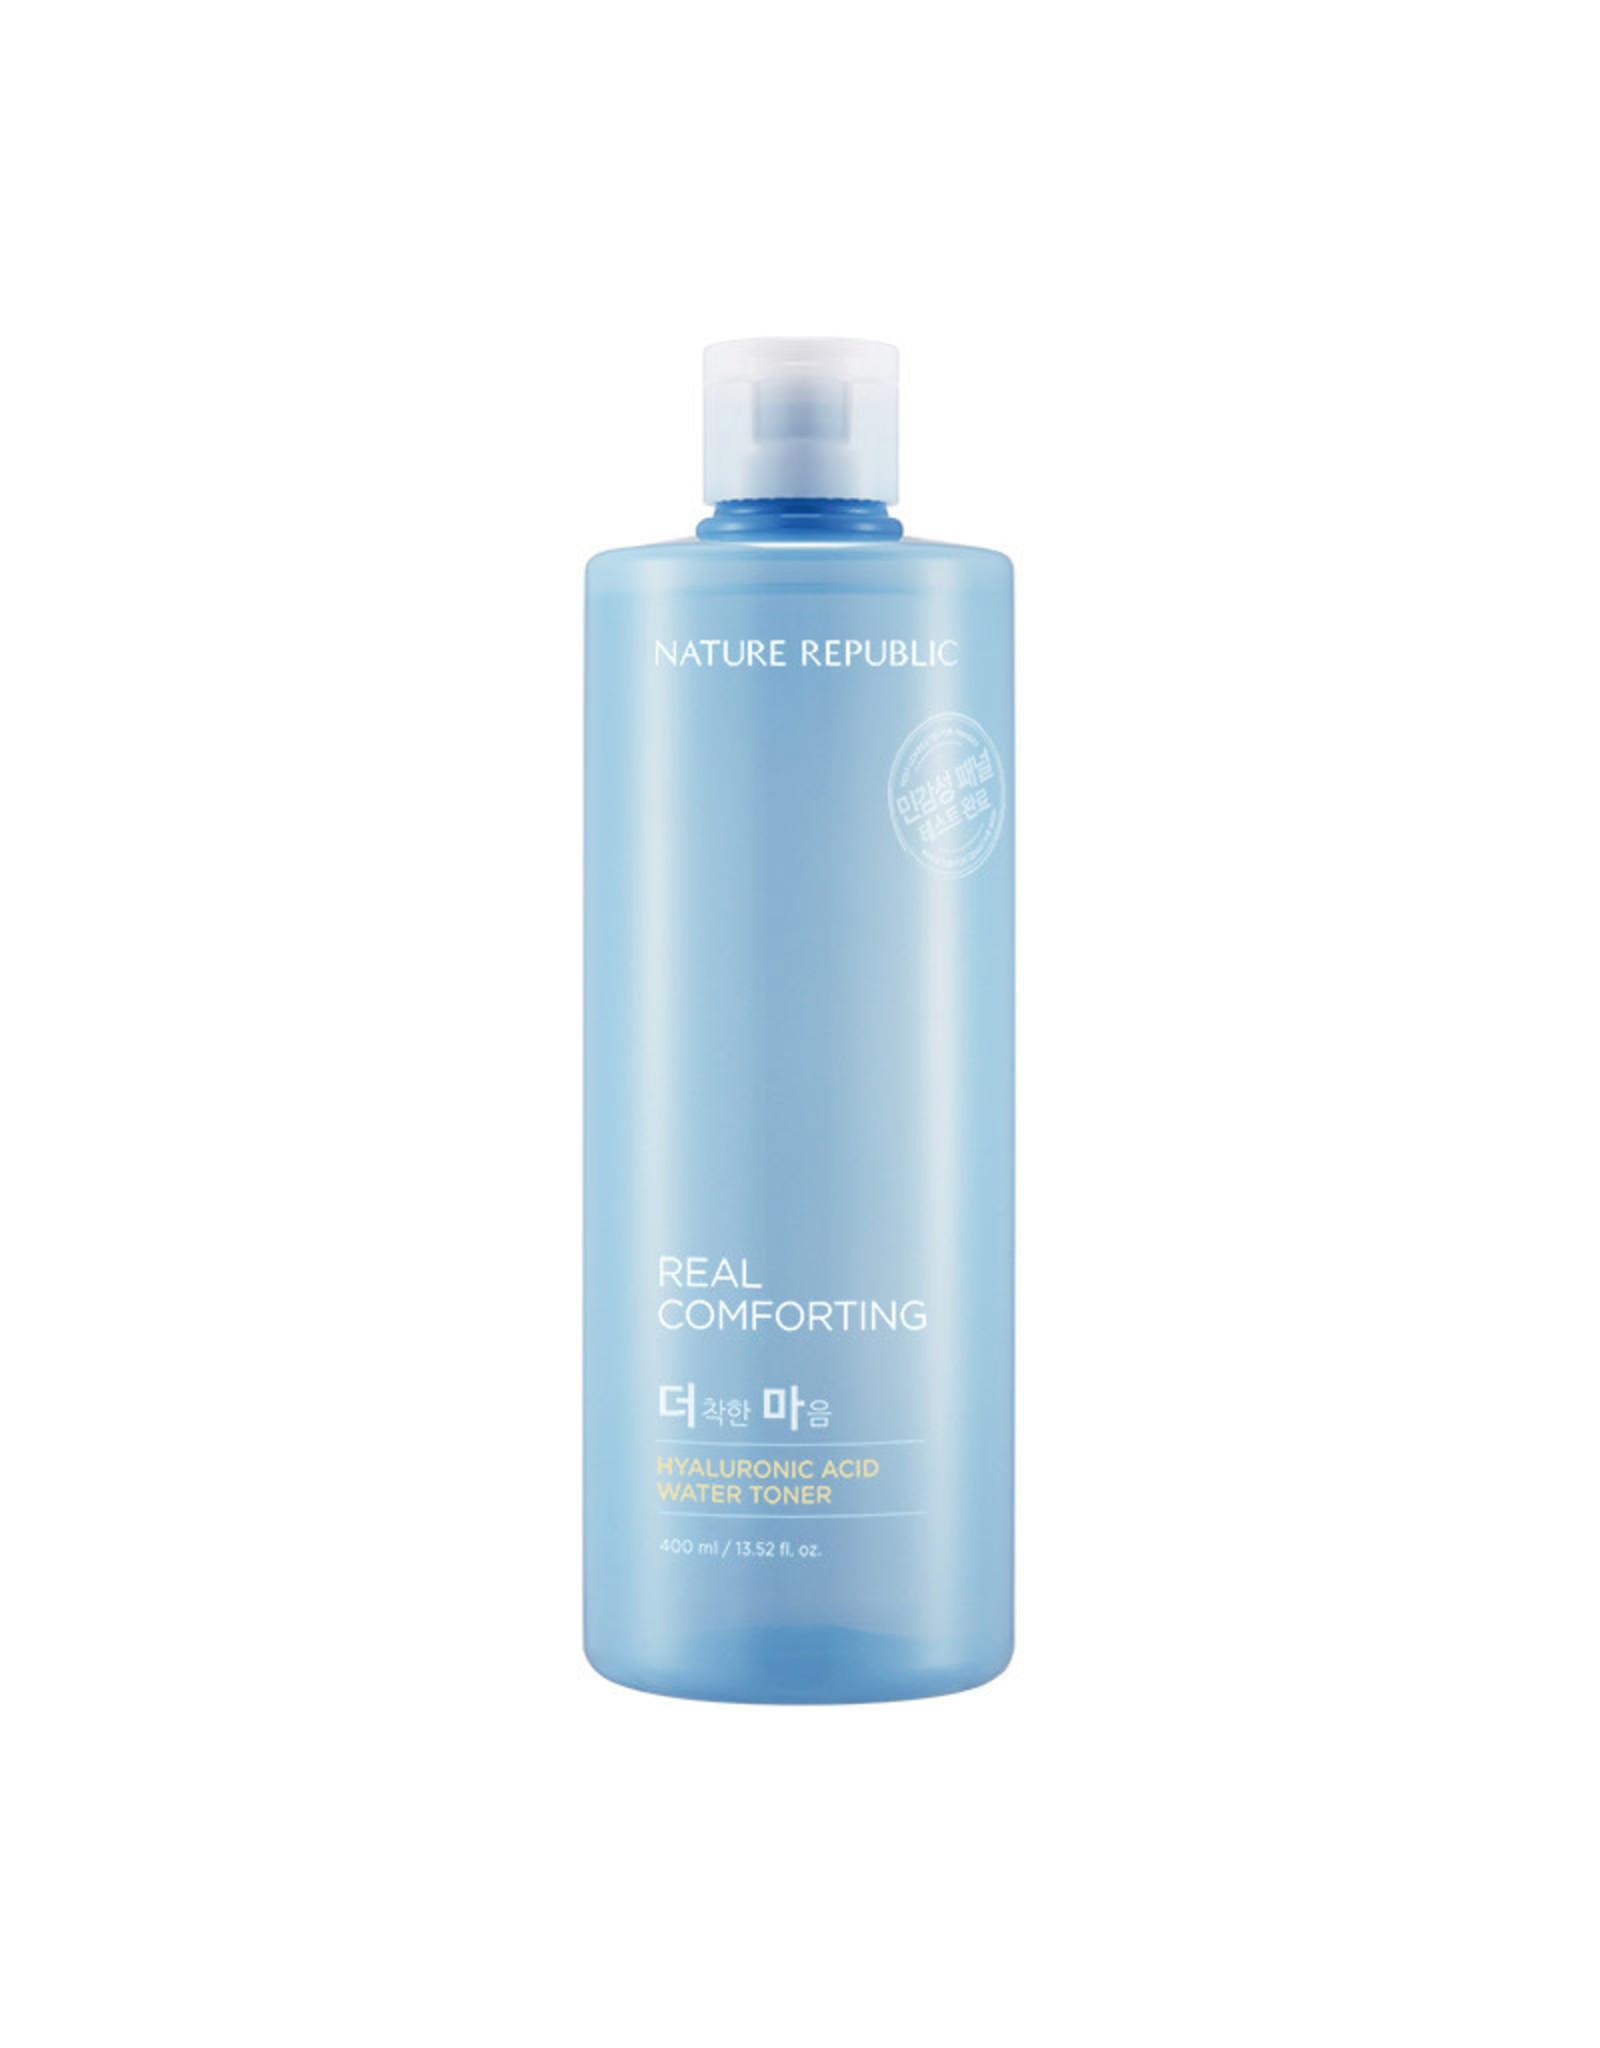 Real Comforting Hyaluronic Acid Water Toner